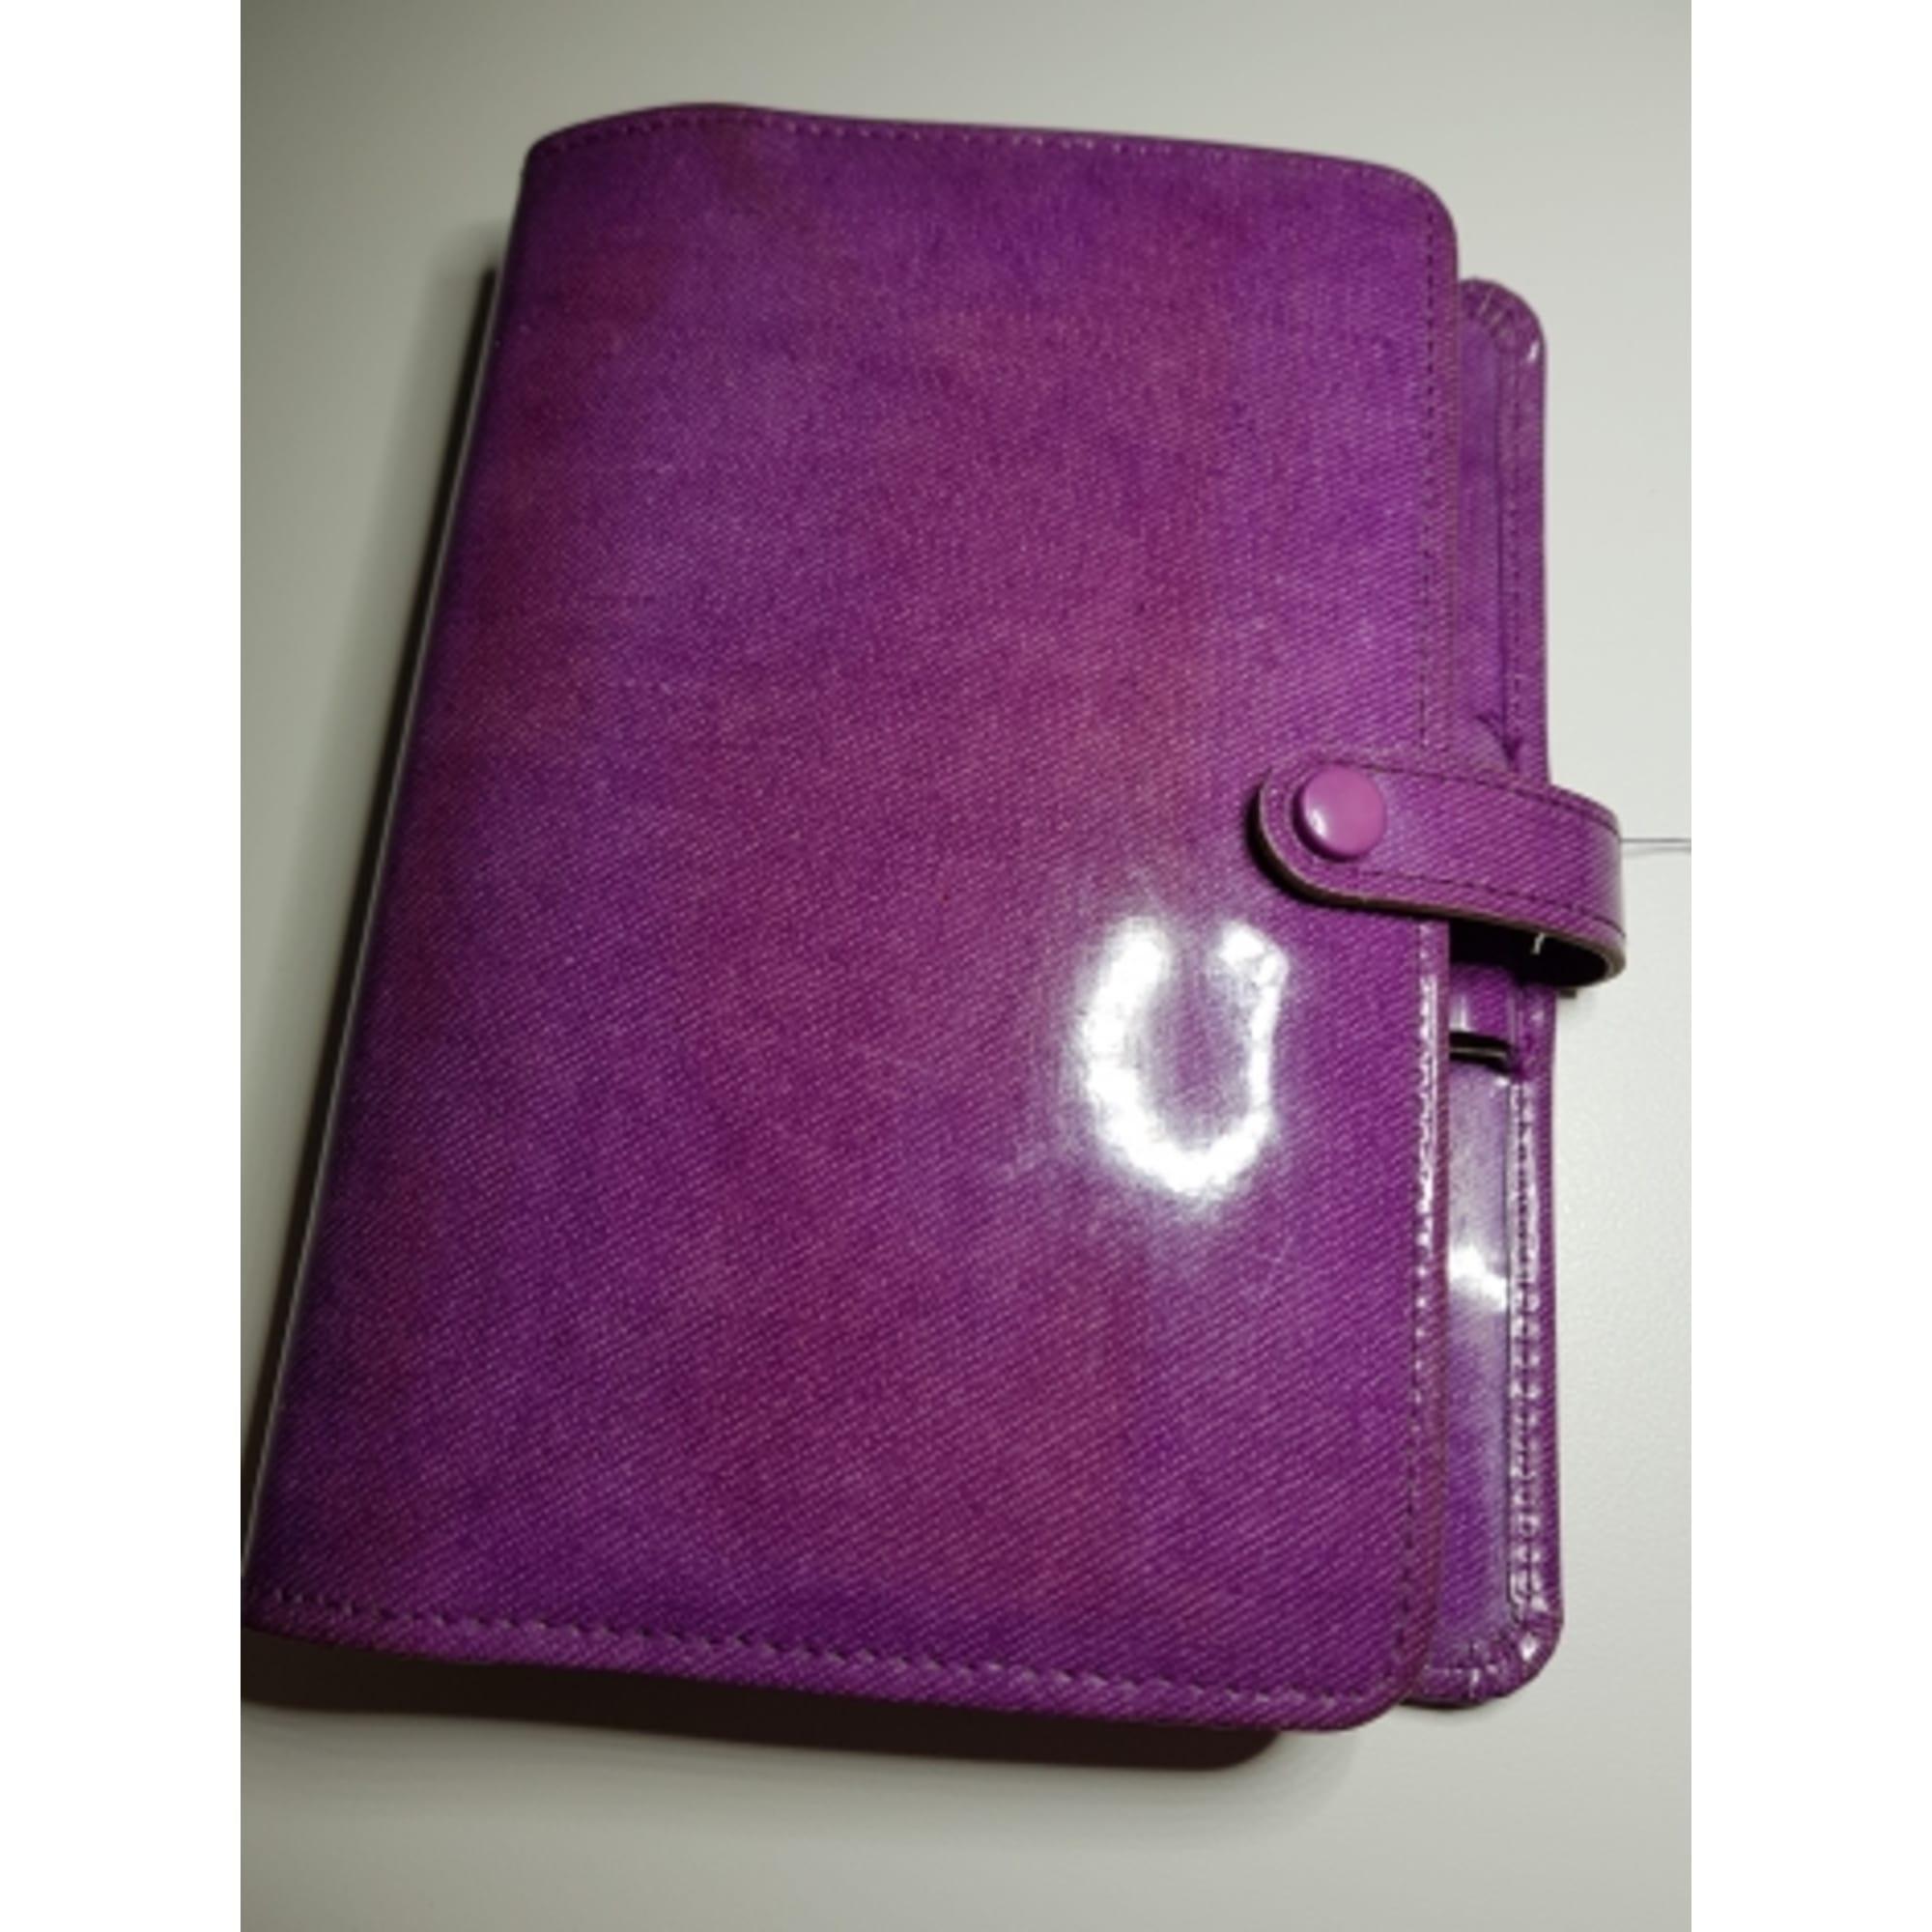 Pochette FILOFAX simili cuir verni violet